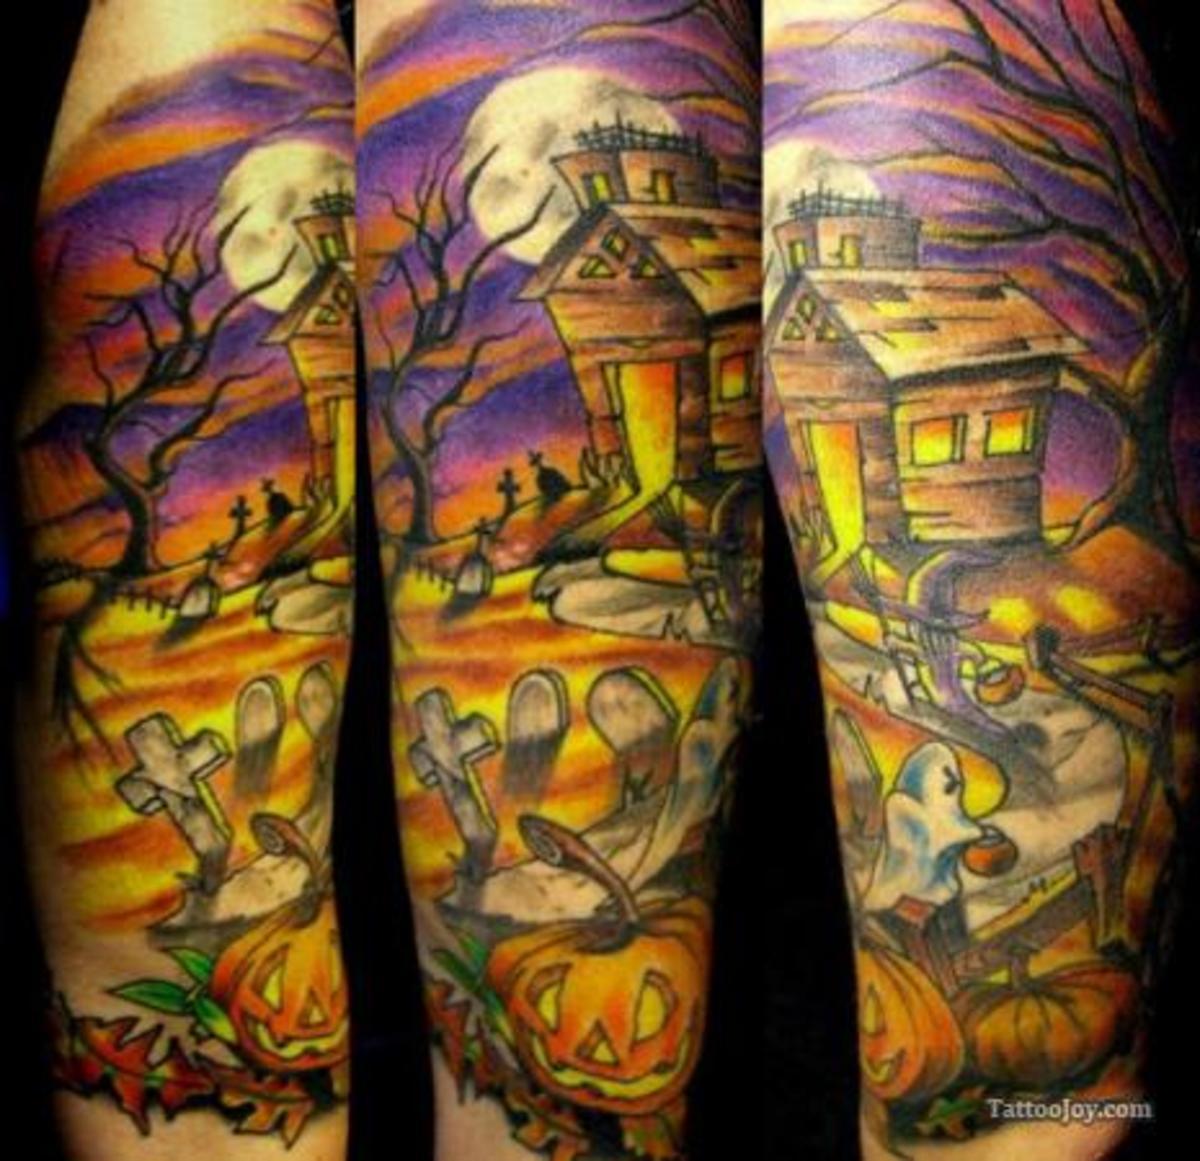 Halloween Style Tattoos: Seasonal Tattoo Designs & Ideas: Autumn